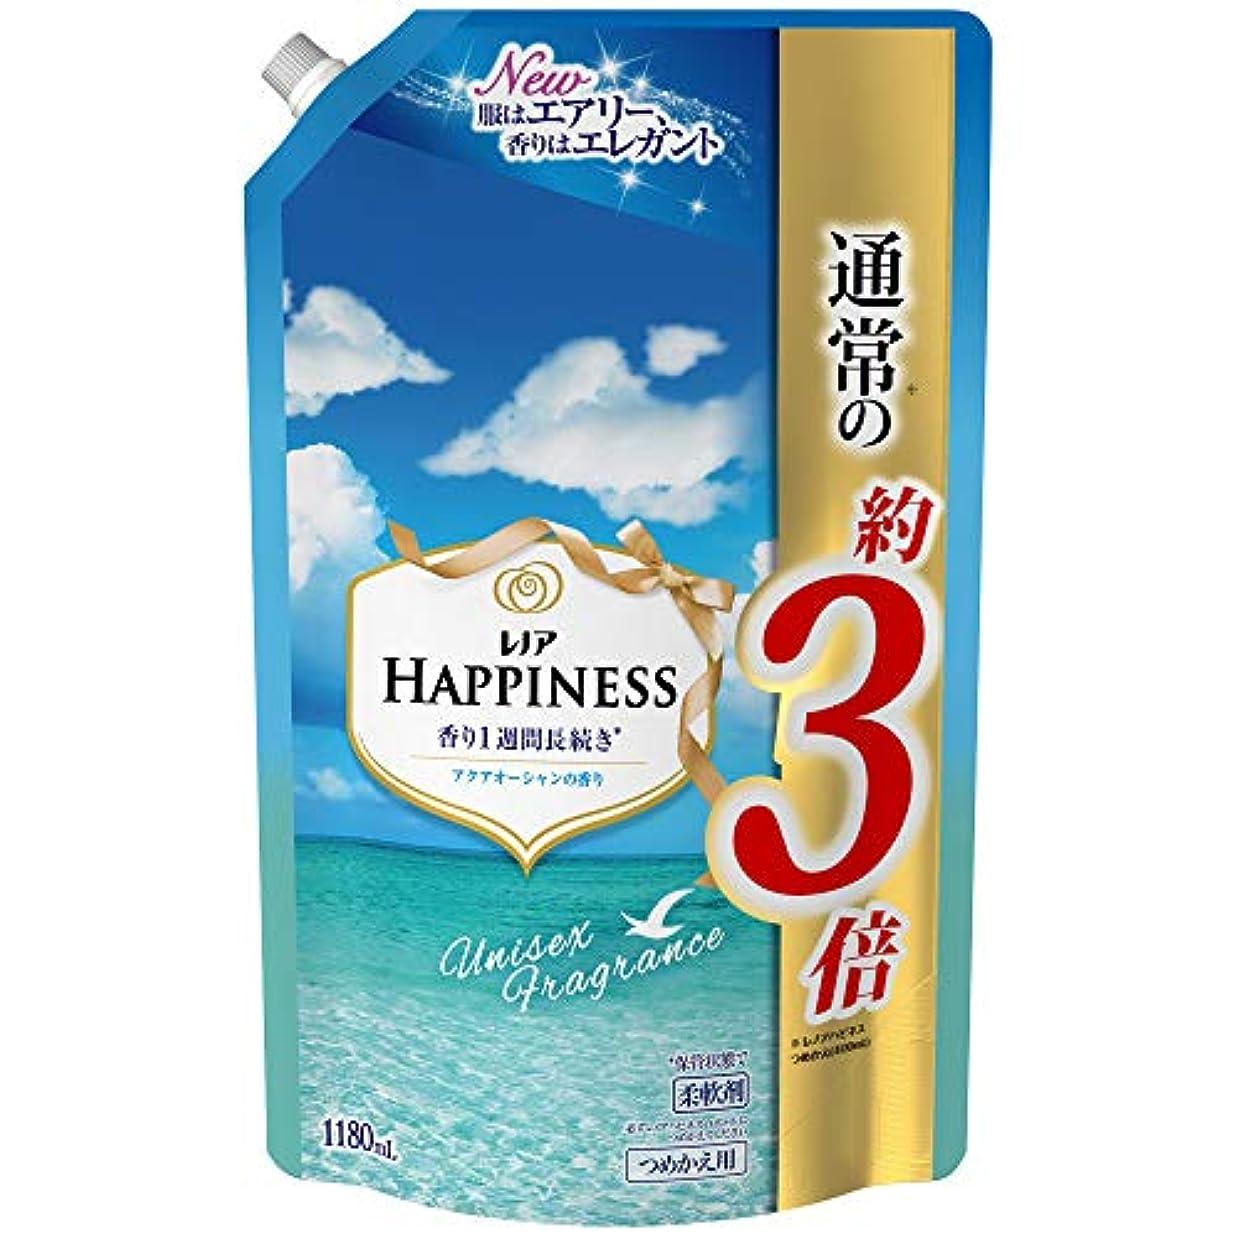 不条理三十発生するレノア ハピネス 柔軟剤 ユニセックスシリーズ アクアオーシャンの香り 詰め替え 超特大 1180mL